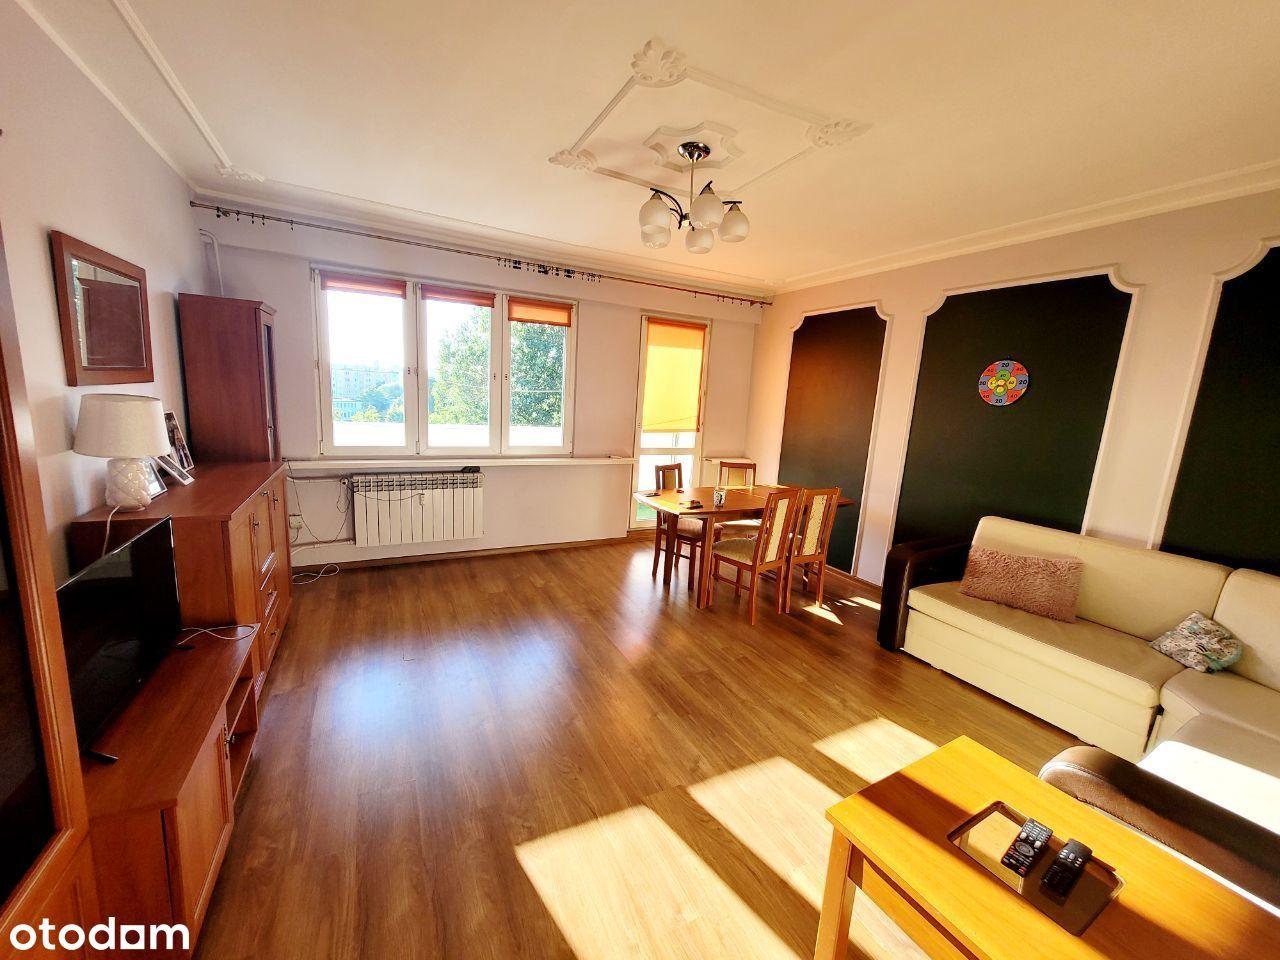 Mieszkanie, 69 m², Bełchatów